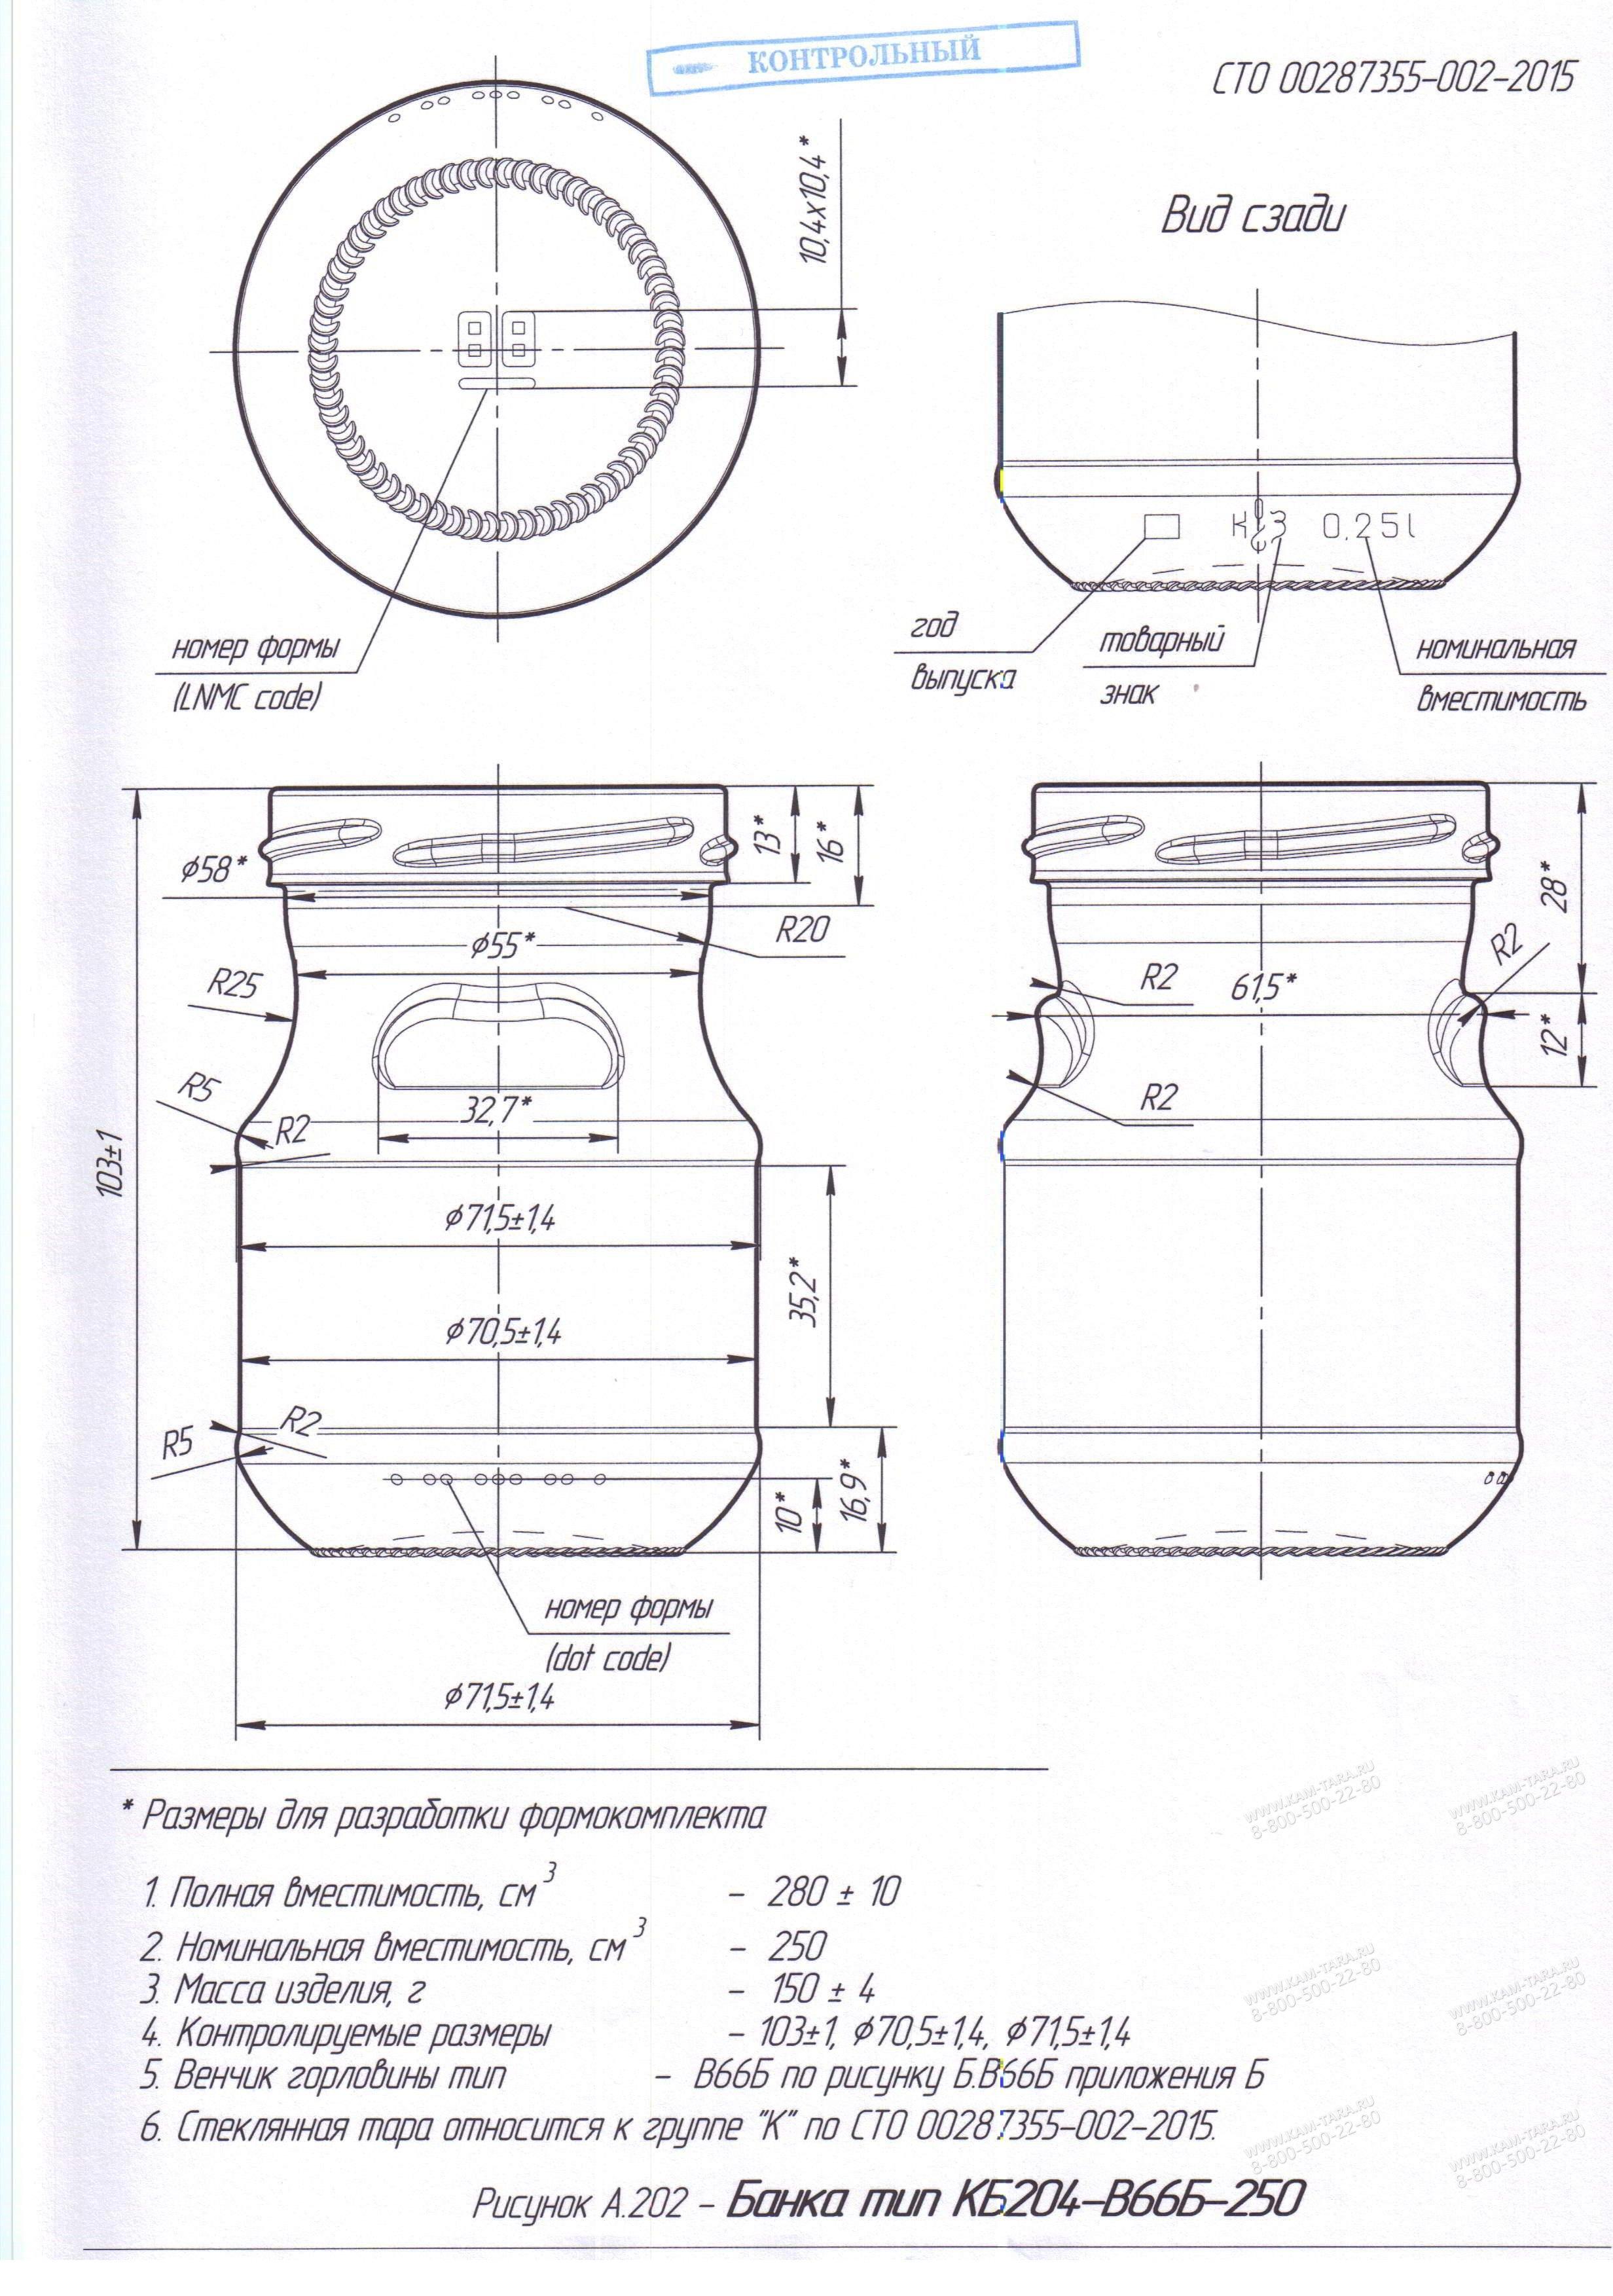 Стеклобанка КБ204-В66Б-250 (п.40)